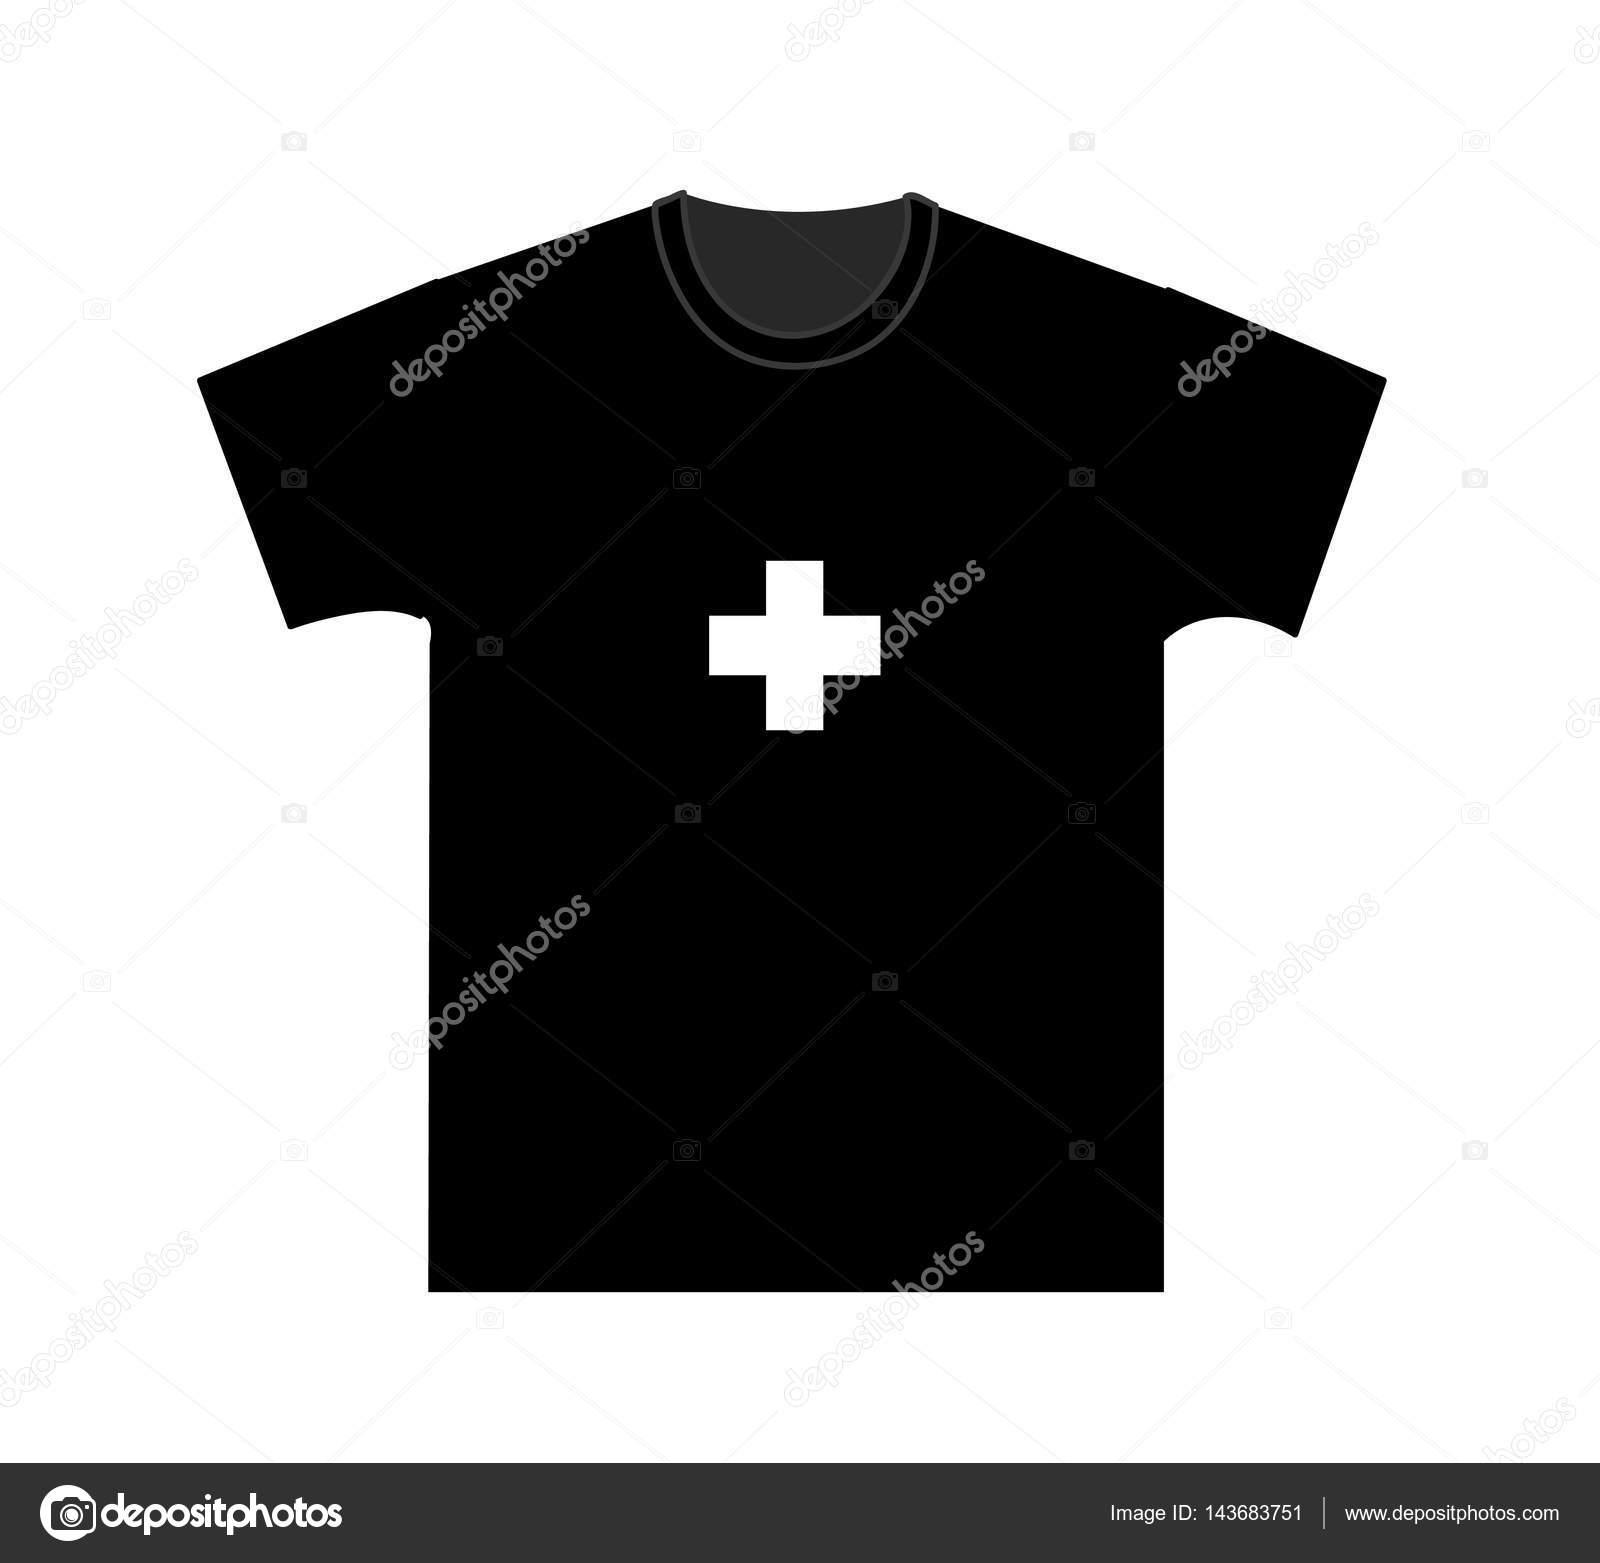 Ausgezeichnet Leere Shirt Vorlagen Ideen - Beispielzusammenfassung ...